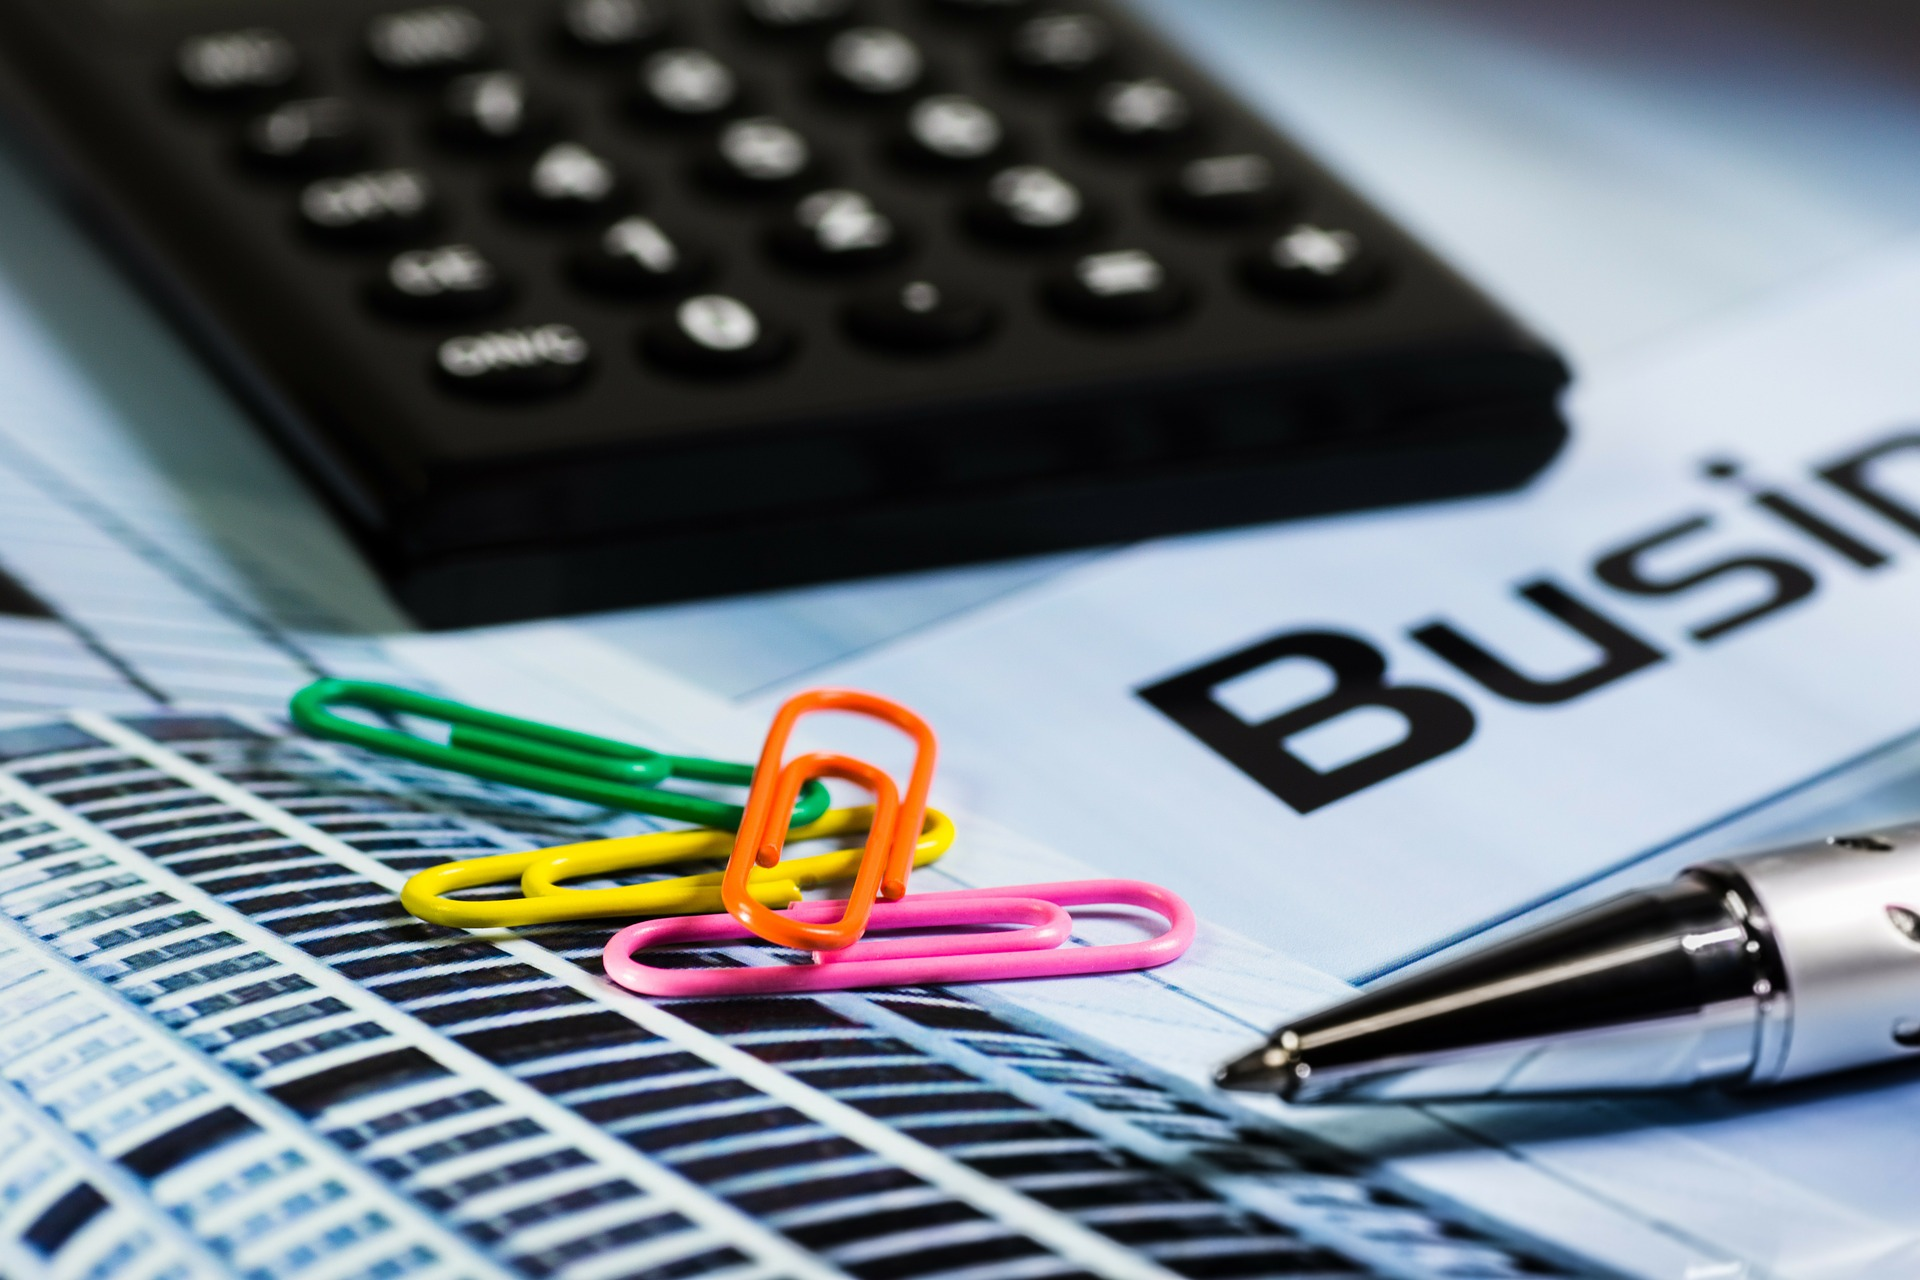 Plane Dein Online Business aus der Reihe so startest Du - Dein Business